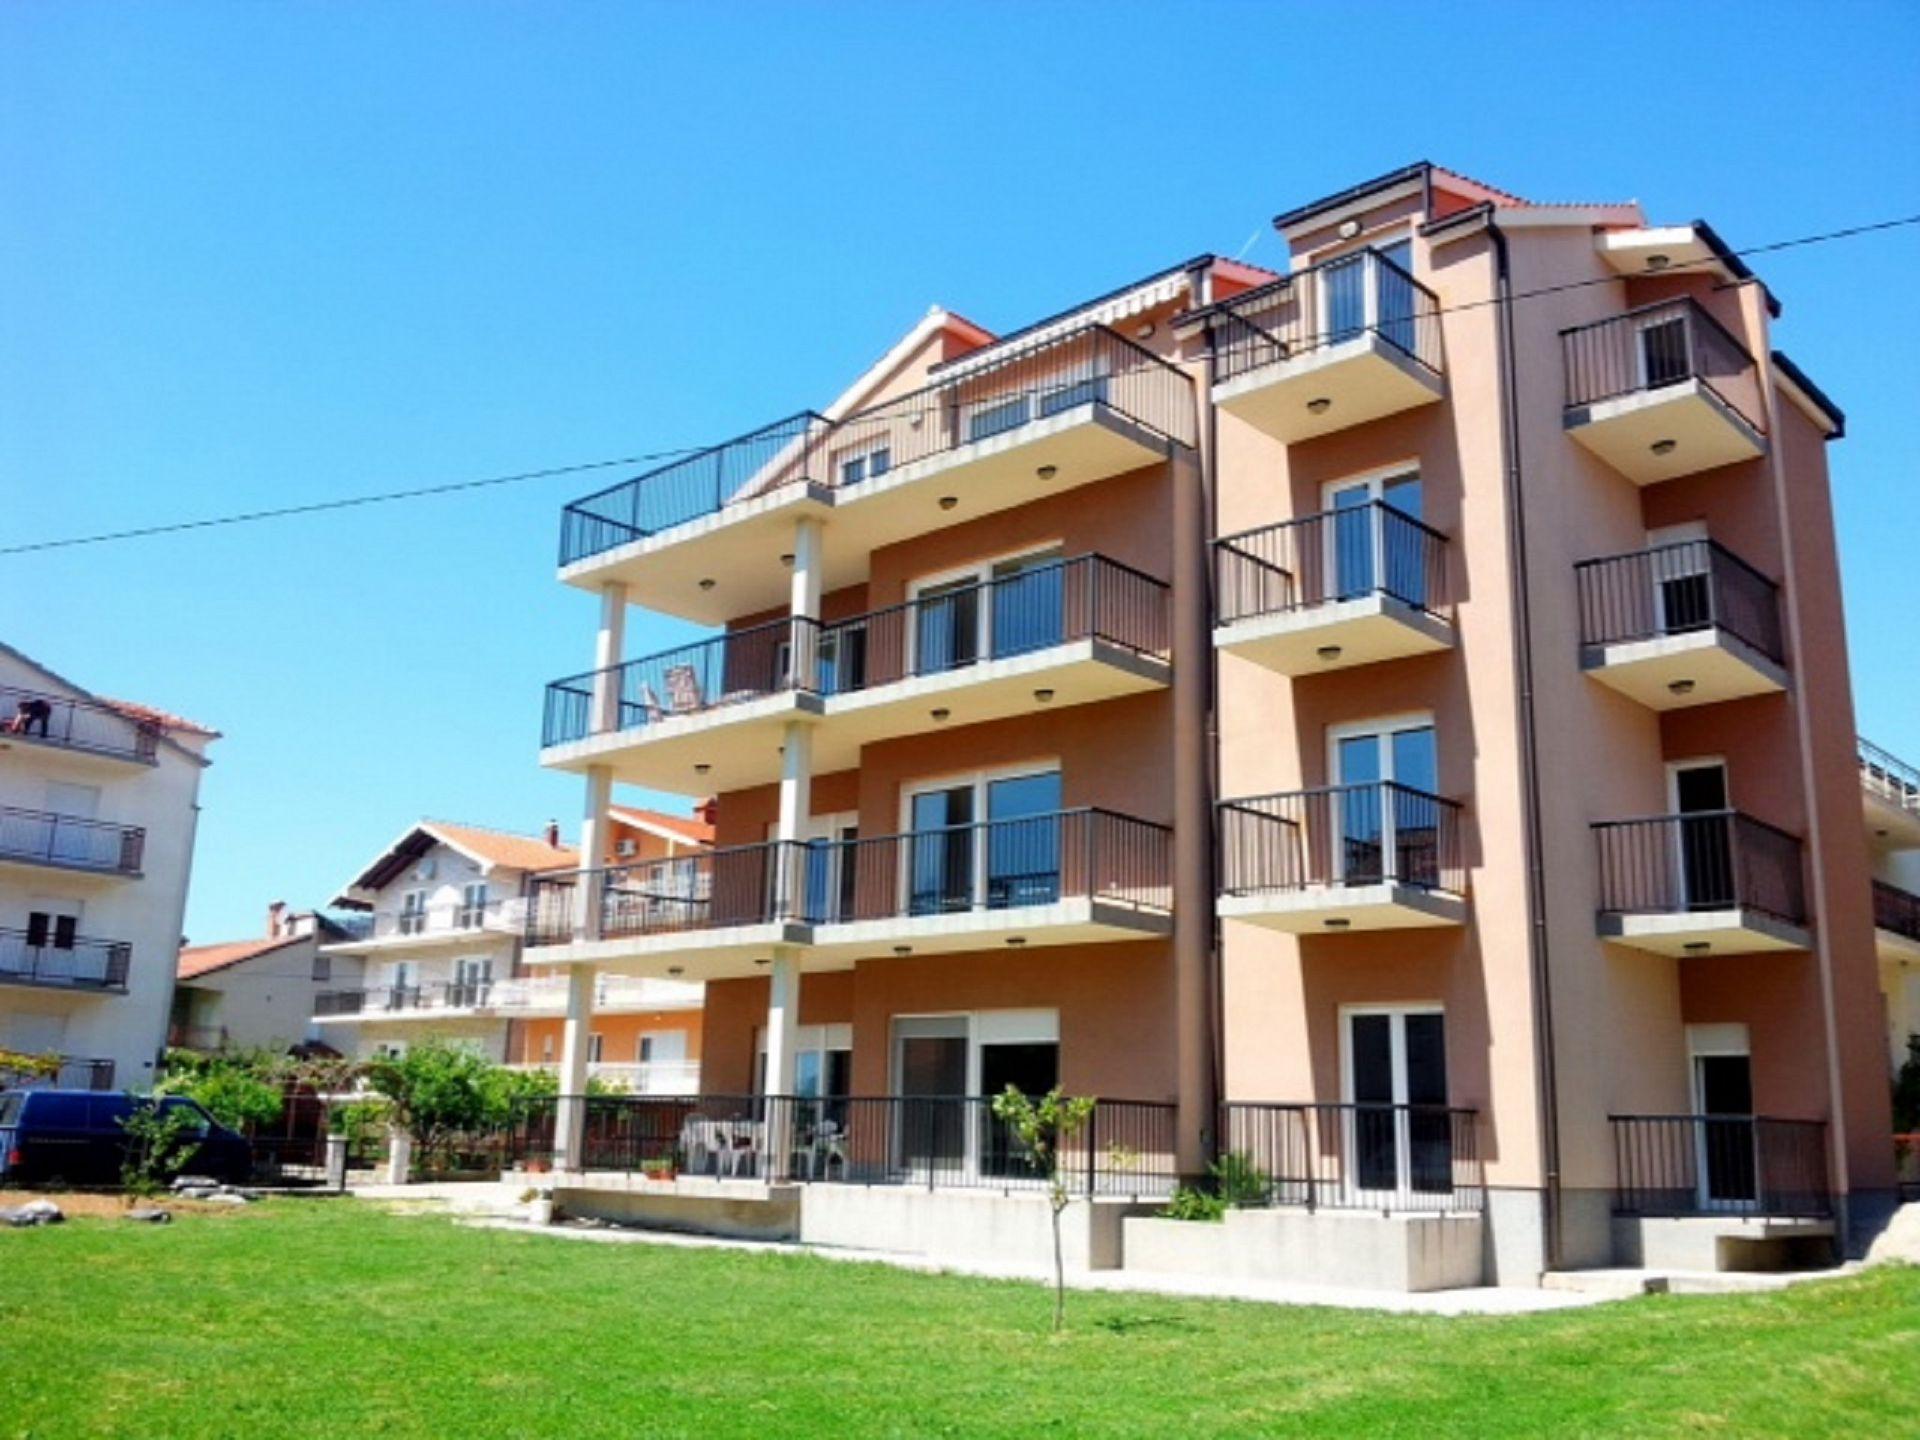 Maria - Kastel Luksic - Appartementen Kroatië